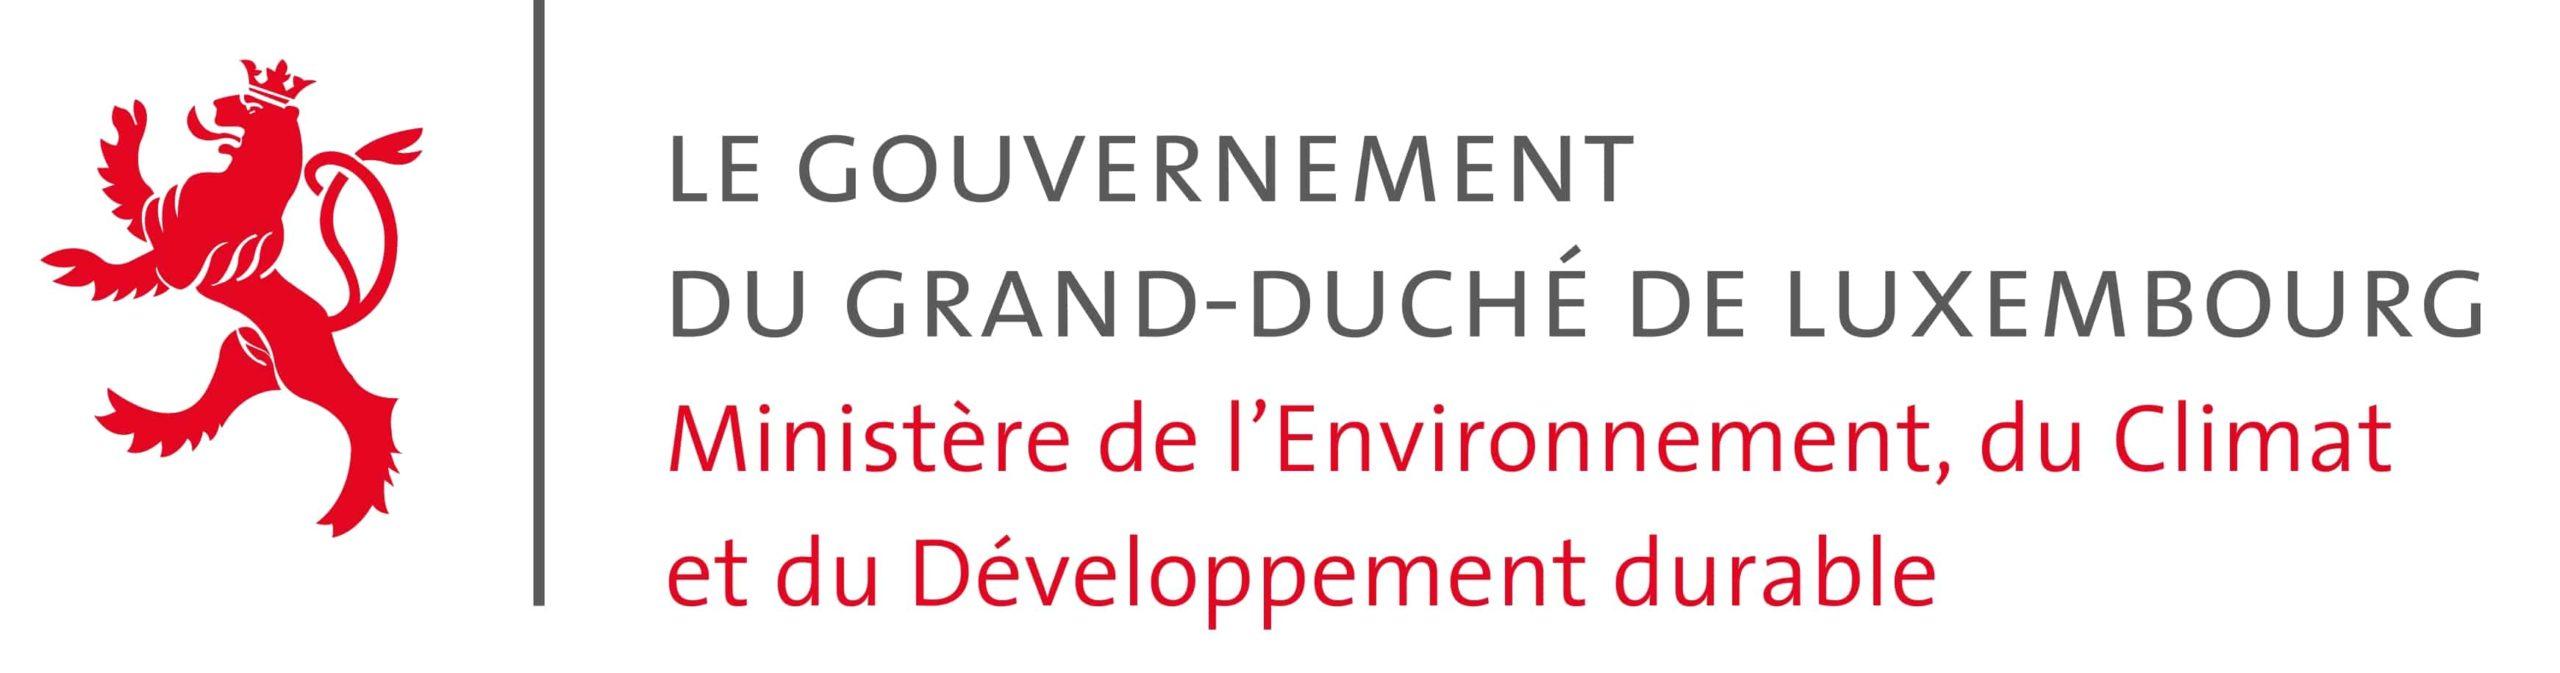 Ministère de l'Environnement, du Climat et du Développement durable